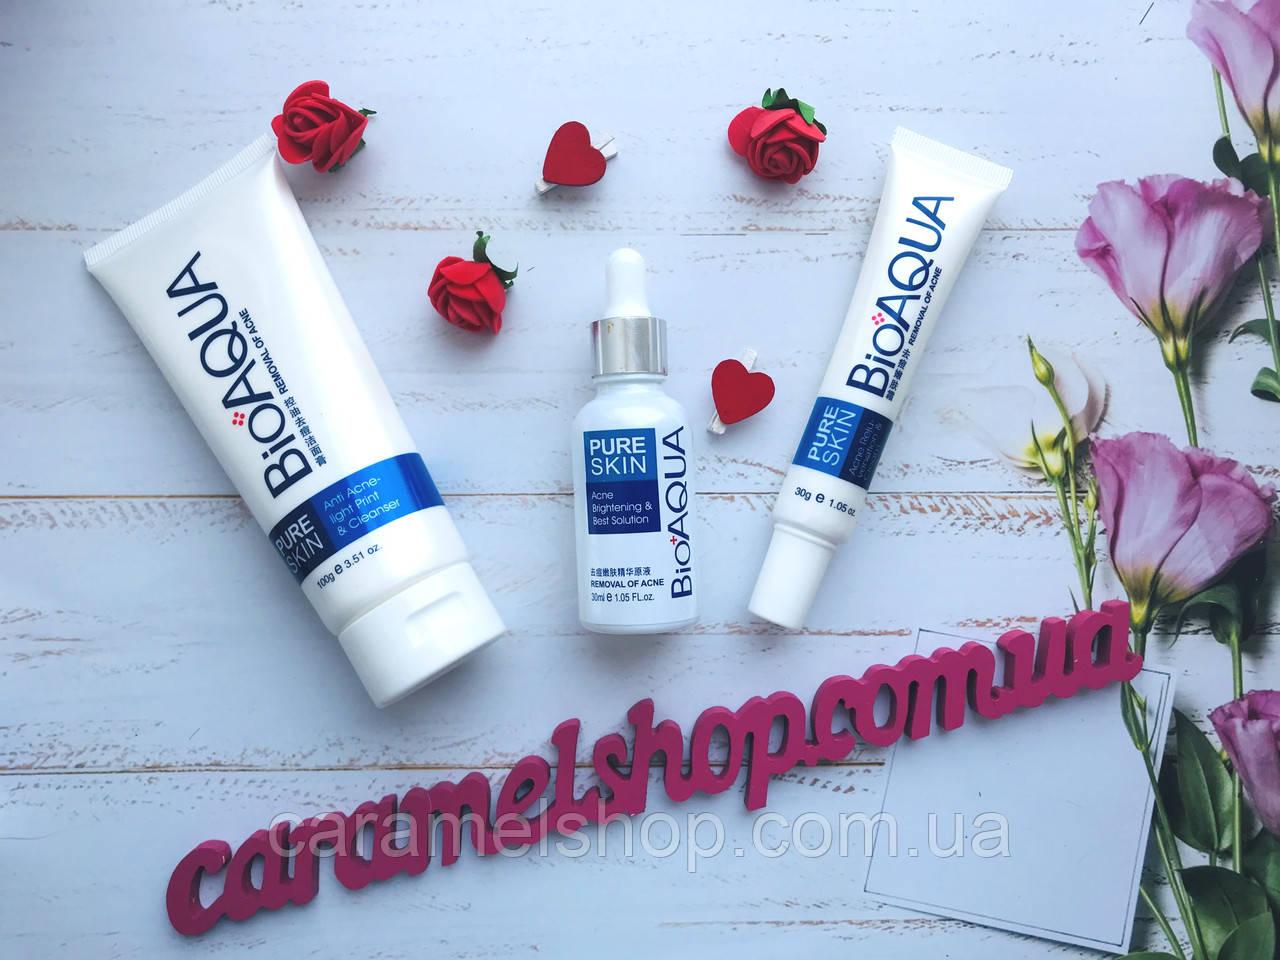 Набор анти-акне для проблемной кожи BIOAQUA Pure Skin Anti Acne 3 в 1 пенка, сыворотка, крем